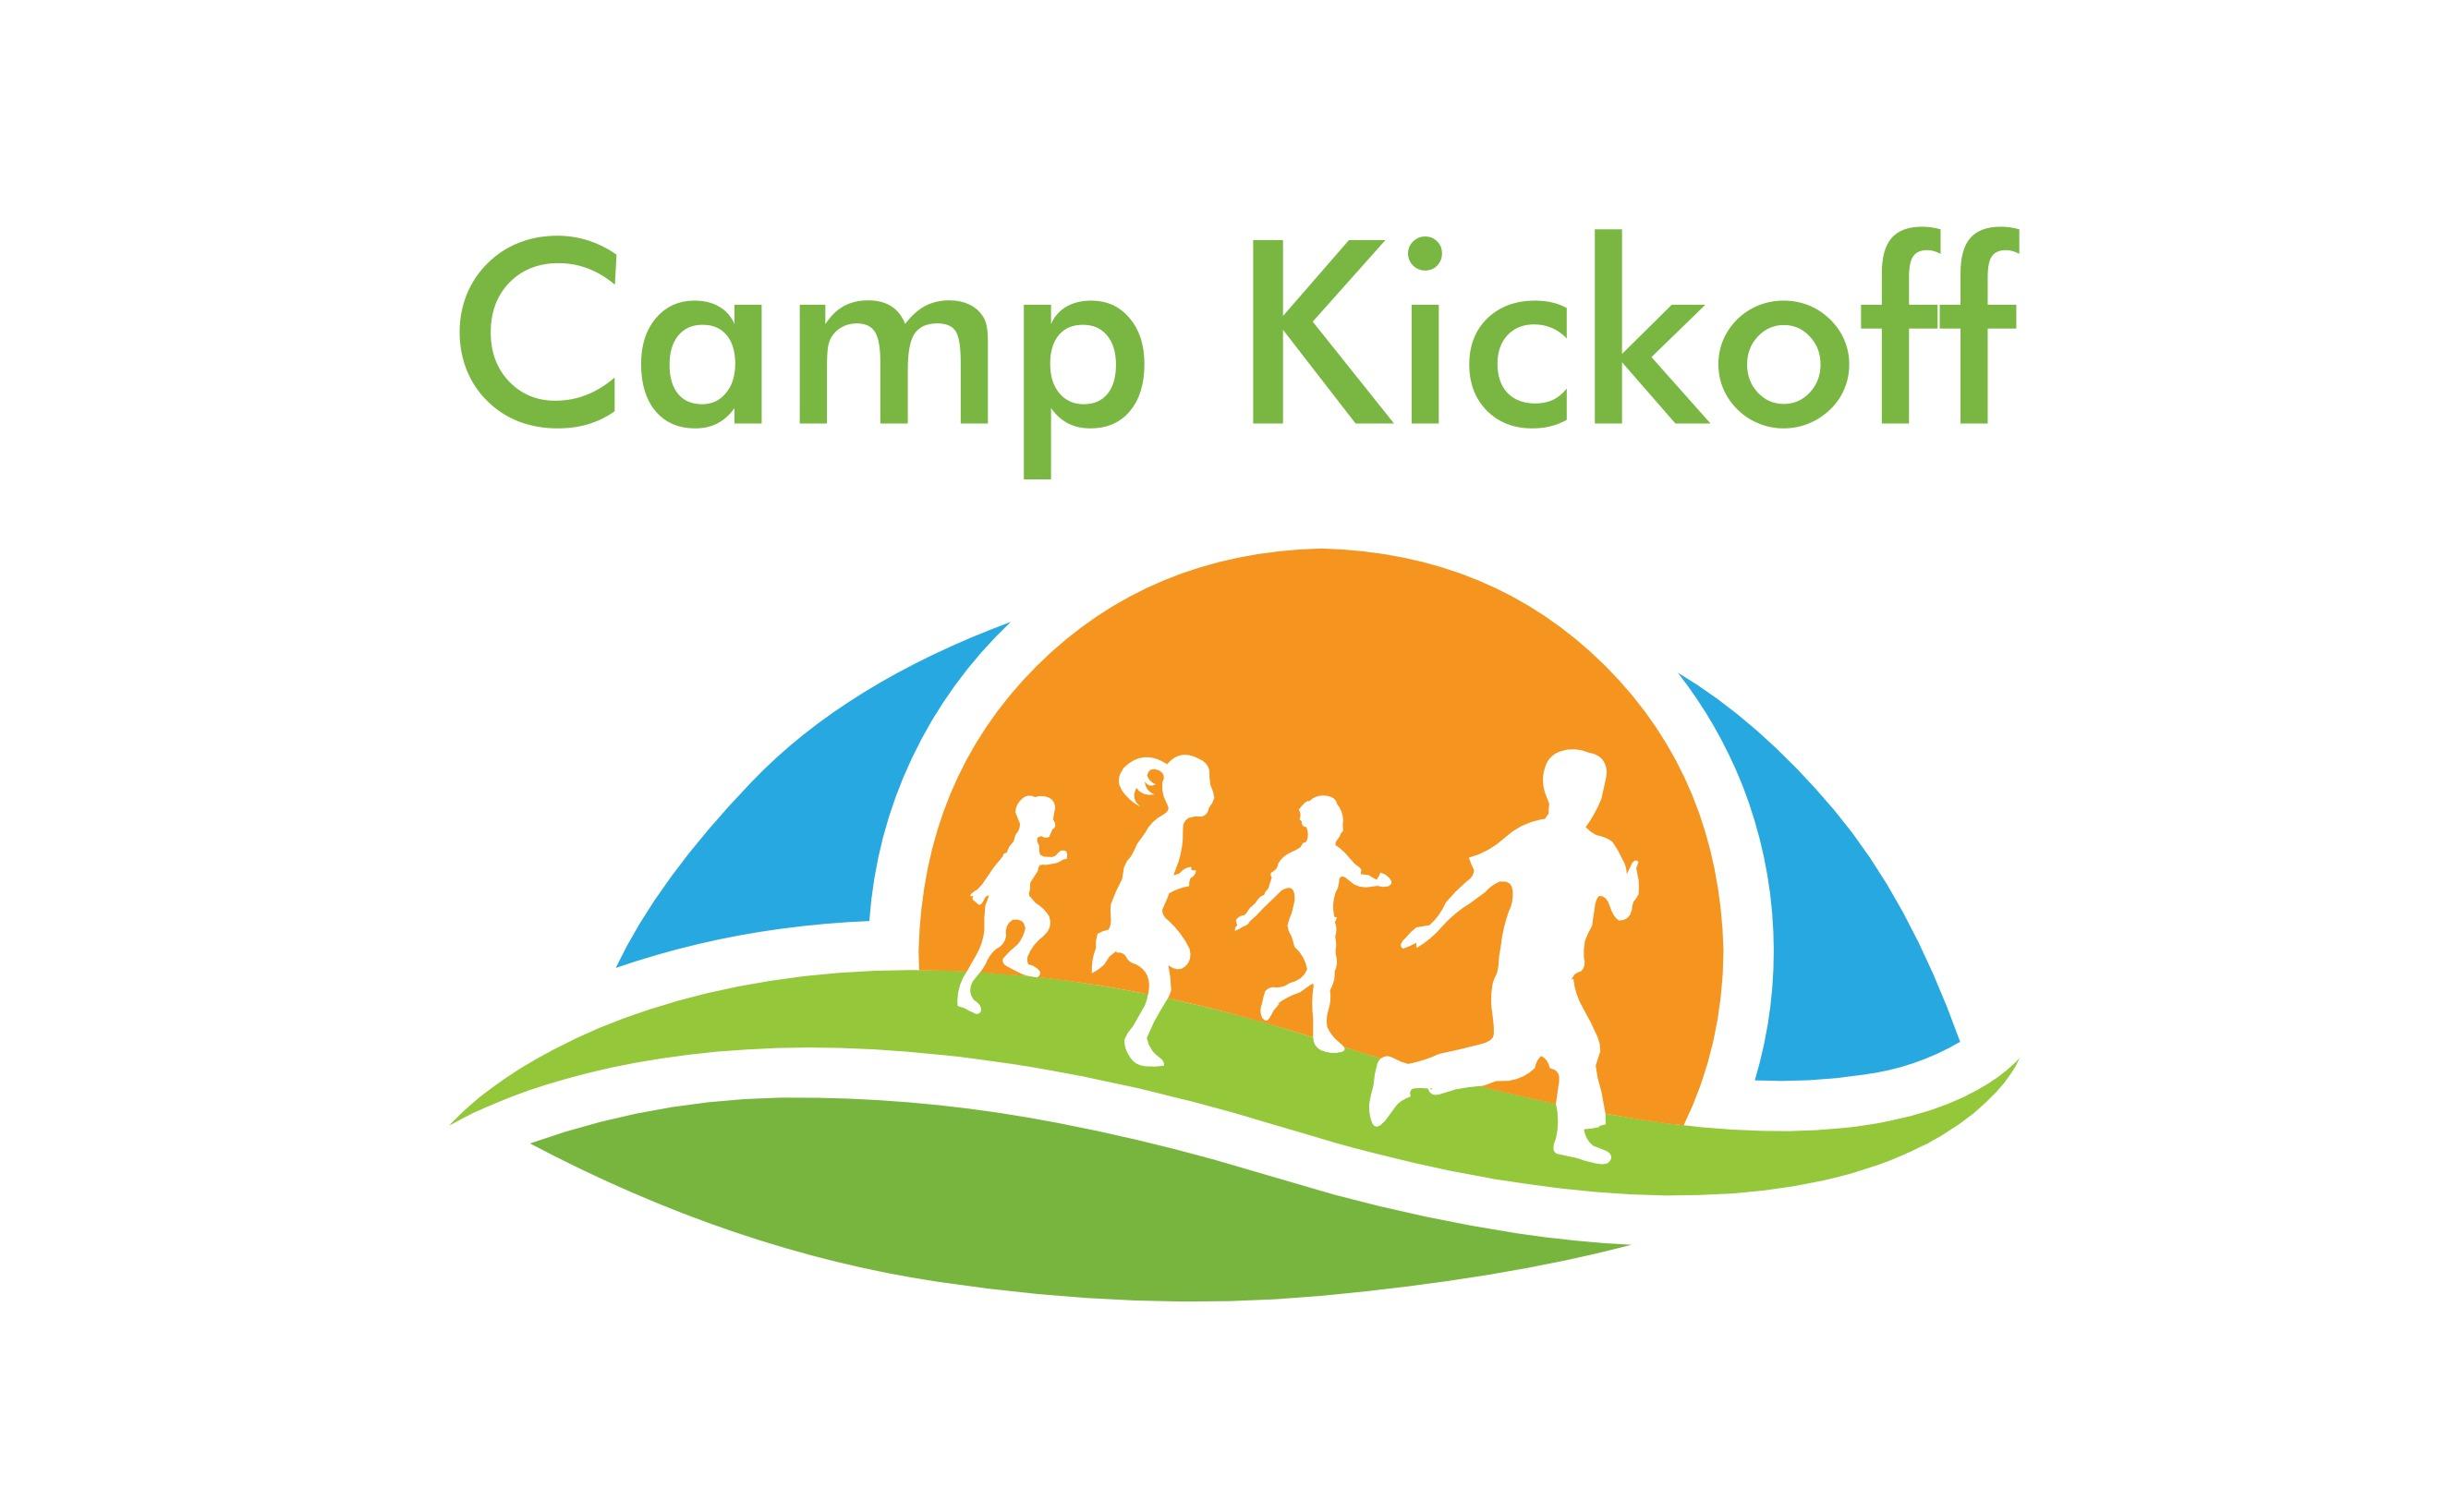 Camp Kickoff